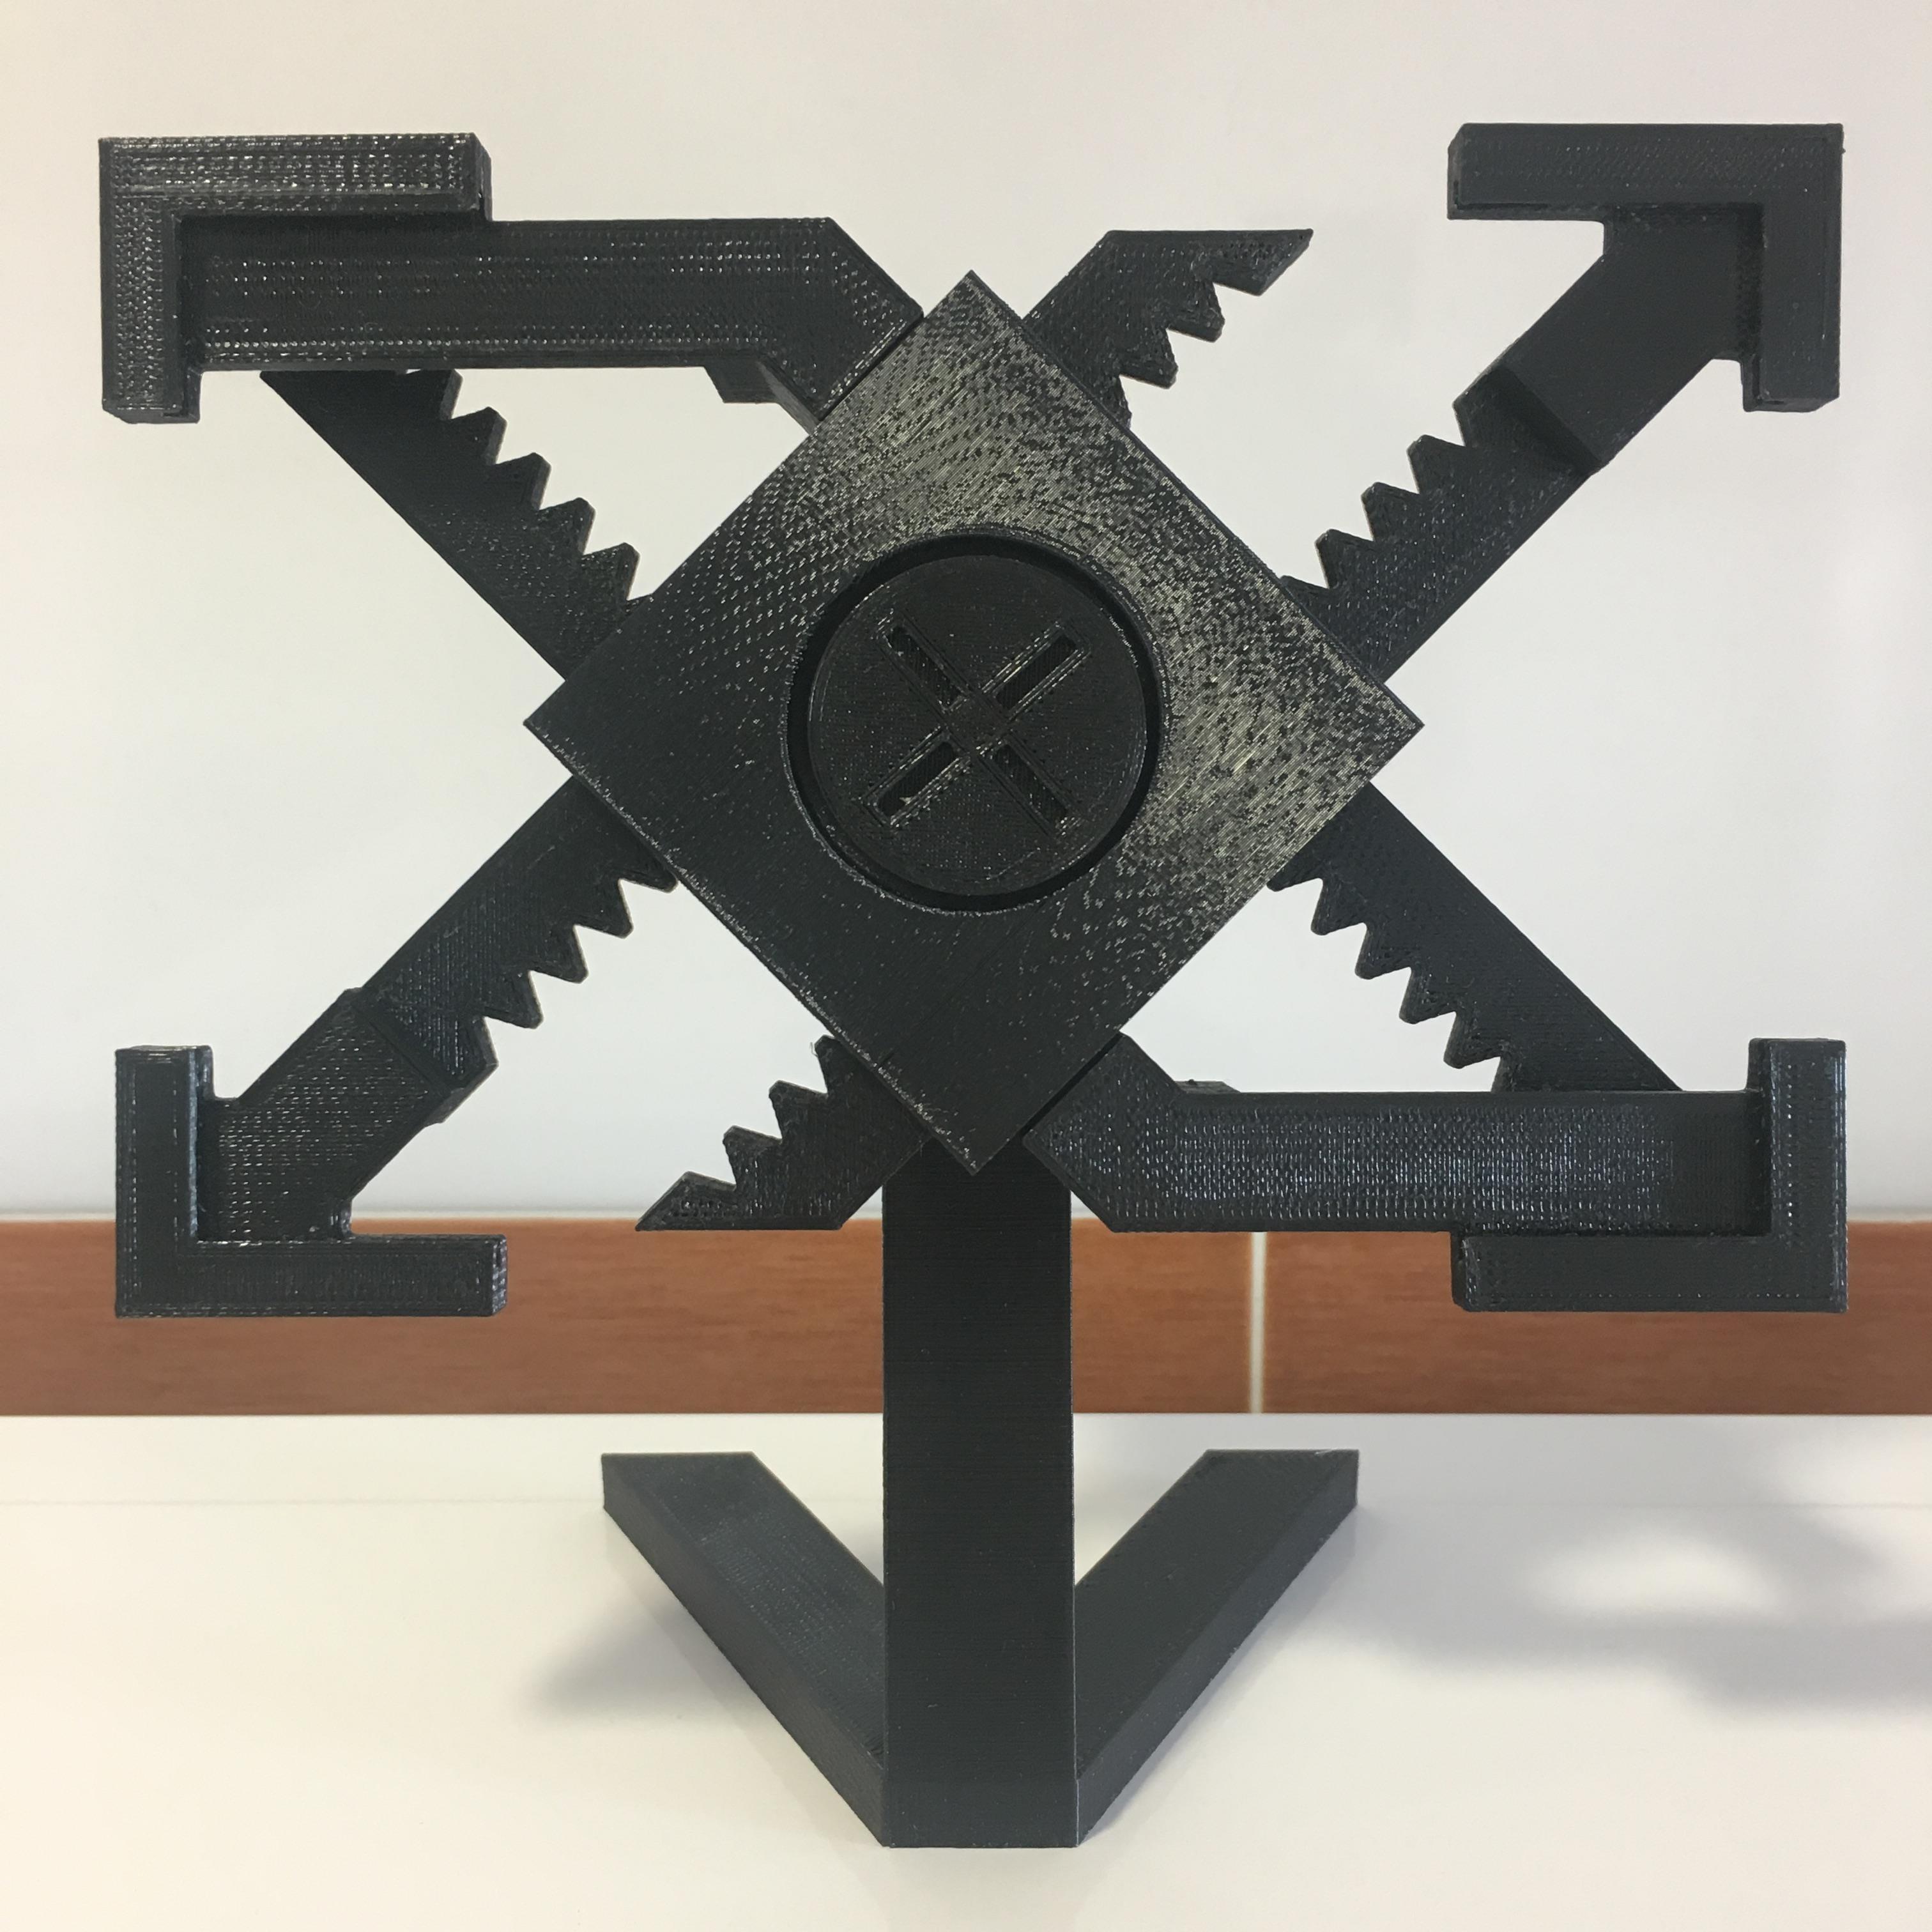 horizontal cerrado.JPG Download free STL file Marco de fotos ajustable • 3D print design, rodvelz